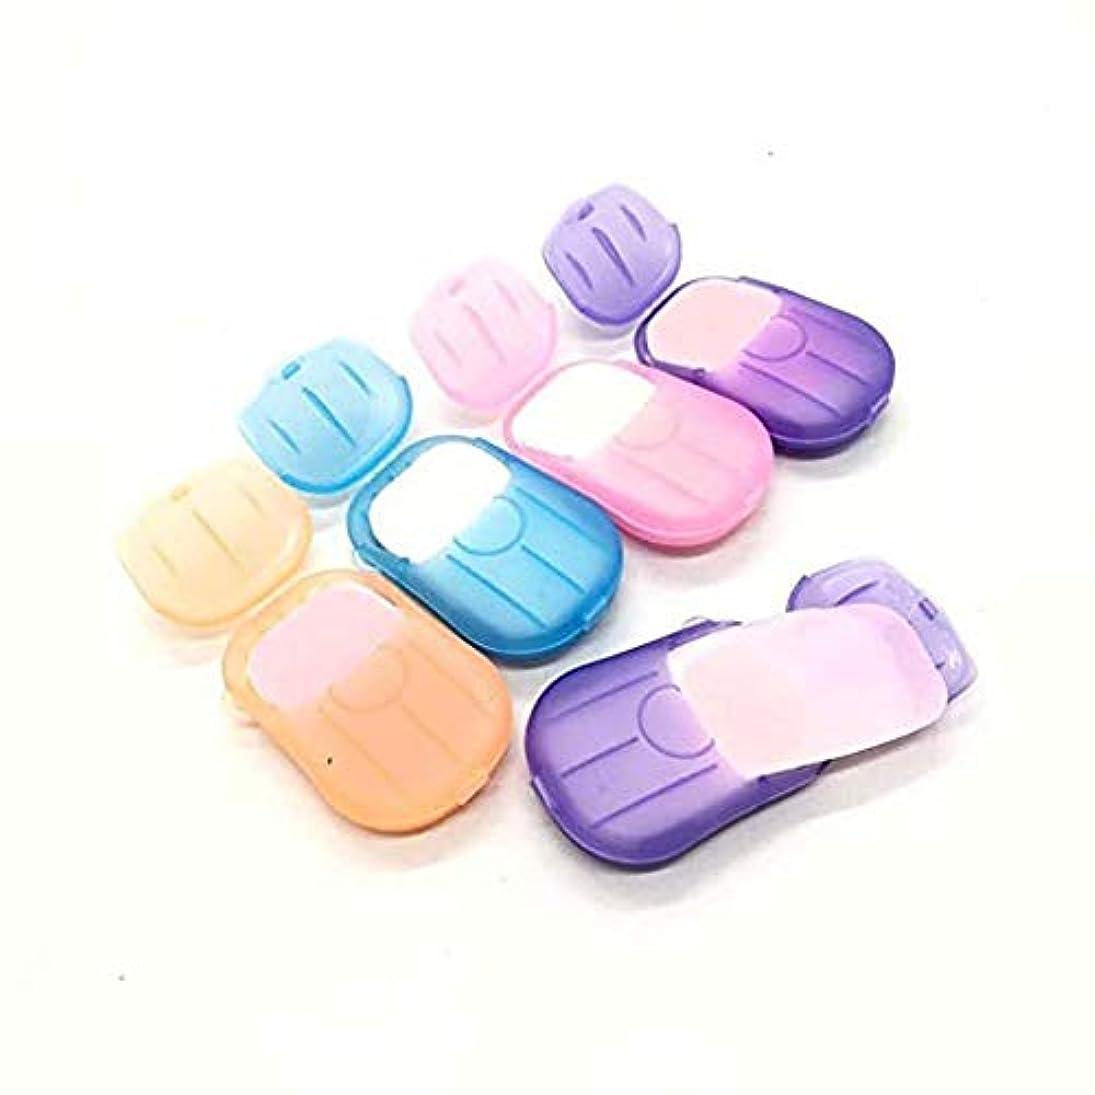 複製テレマコススラックArvolno ペーパーソープ 紙せっけん 6個セット 石鹸 携帯用除菌 香り 超軽量 持ち運び 手洗い/お風呂 お出かけ 旅行 20枚/ケース (6個セット)